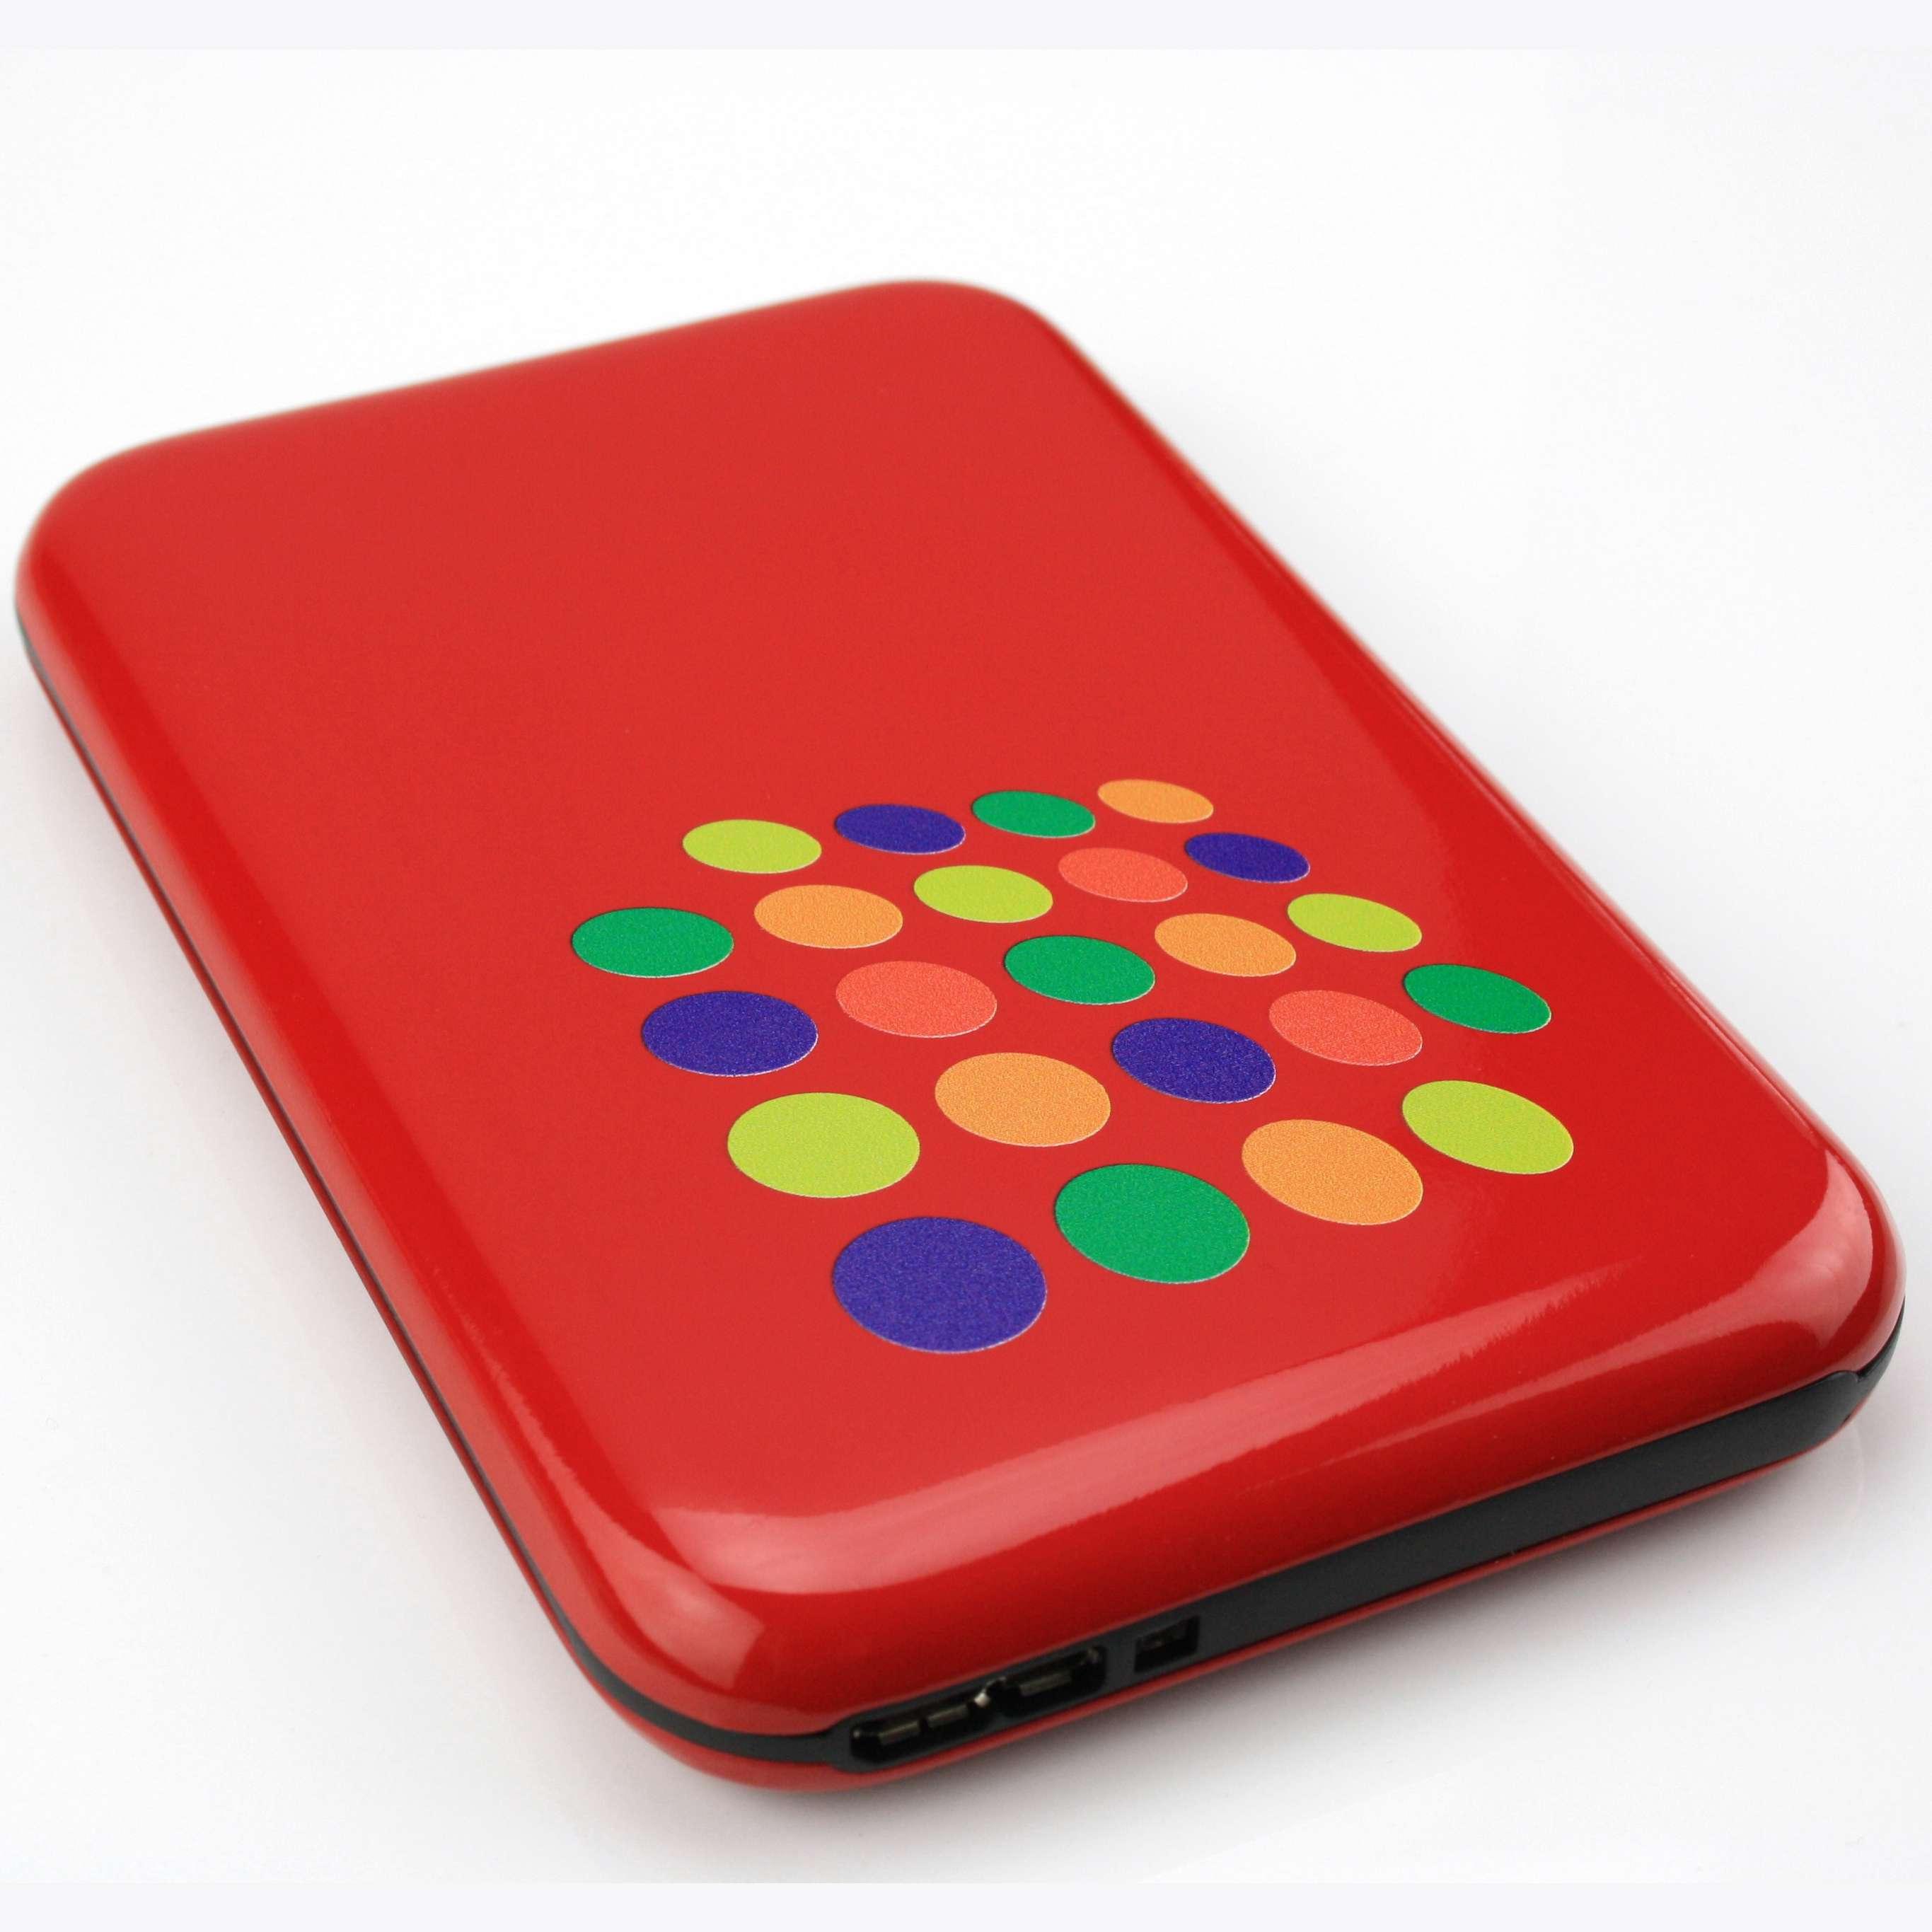 Disque dur publicitaire externe HDD rouge - cadeau d'entreprise